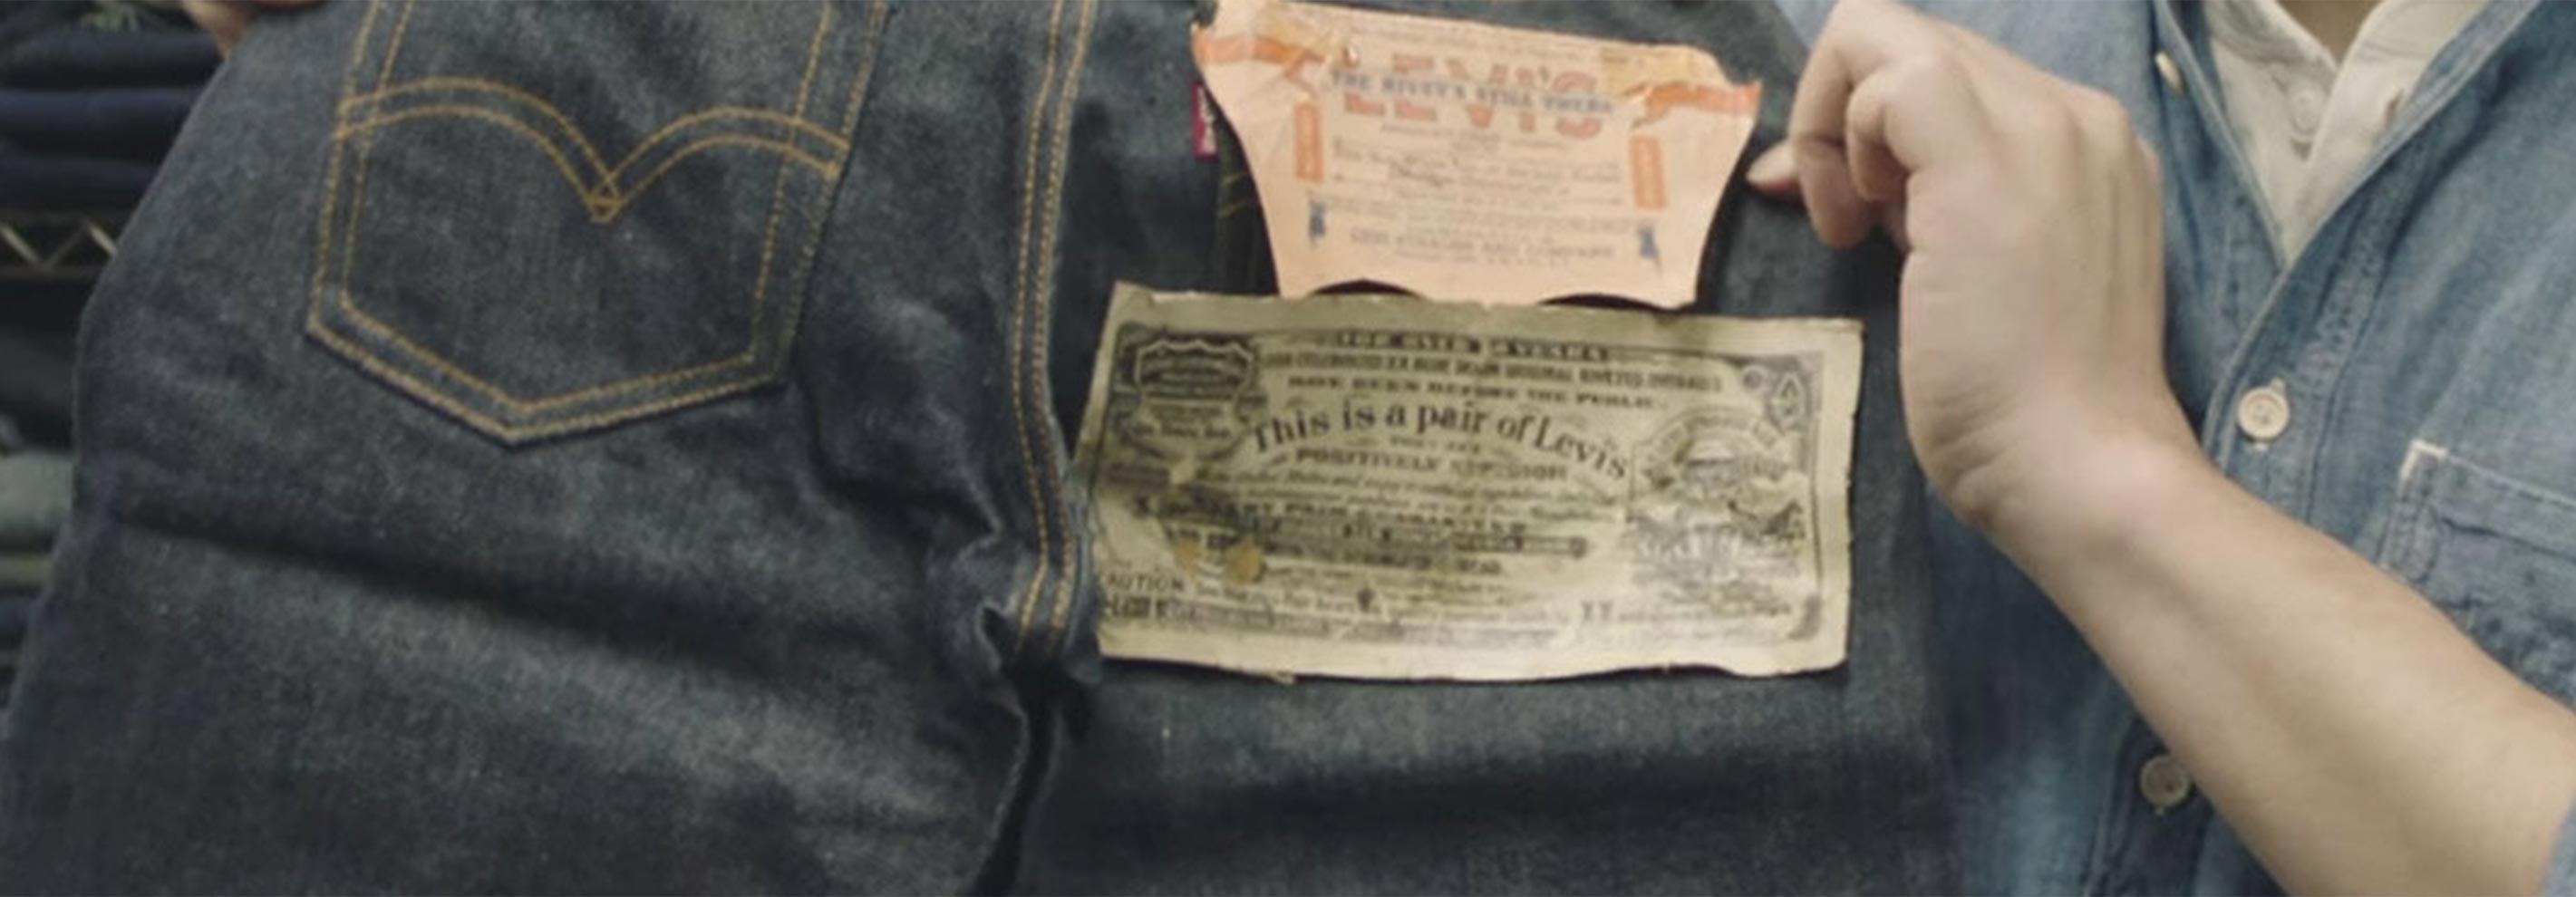 501 Jeans Herren | Levi's DE